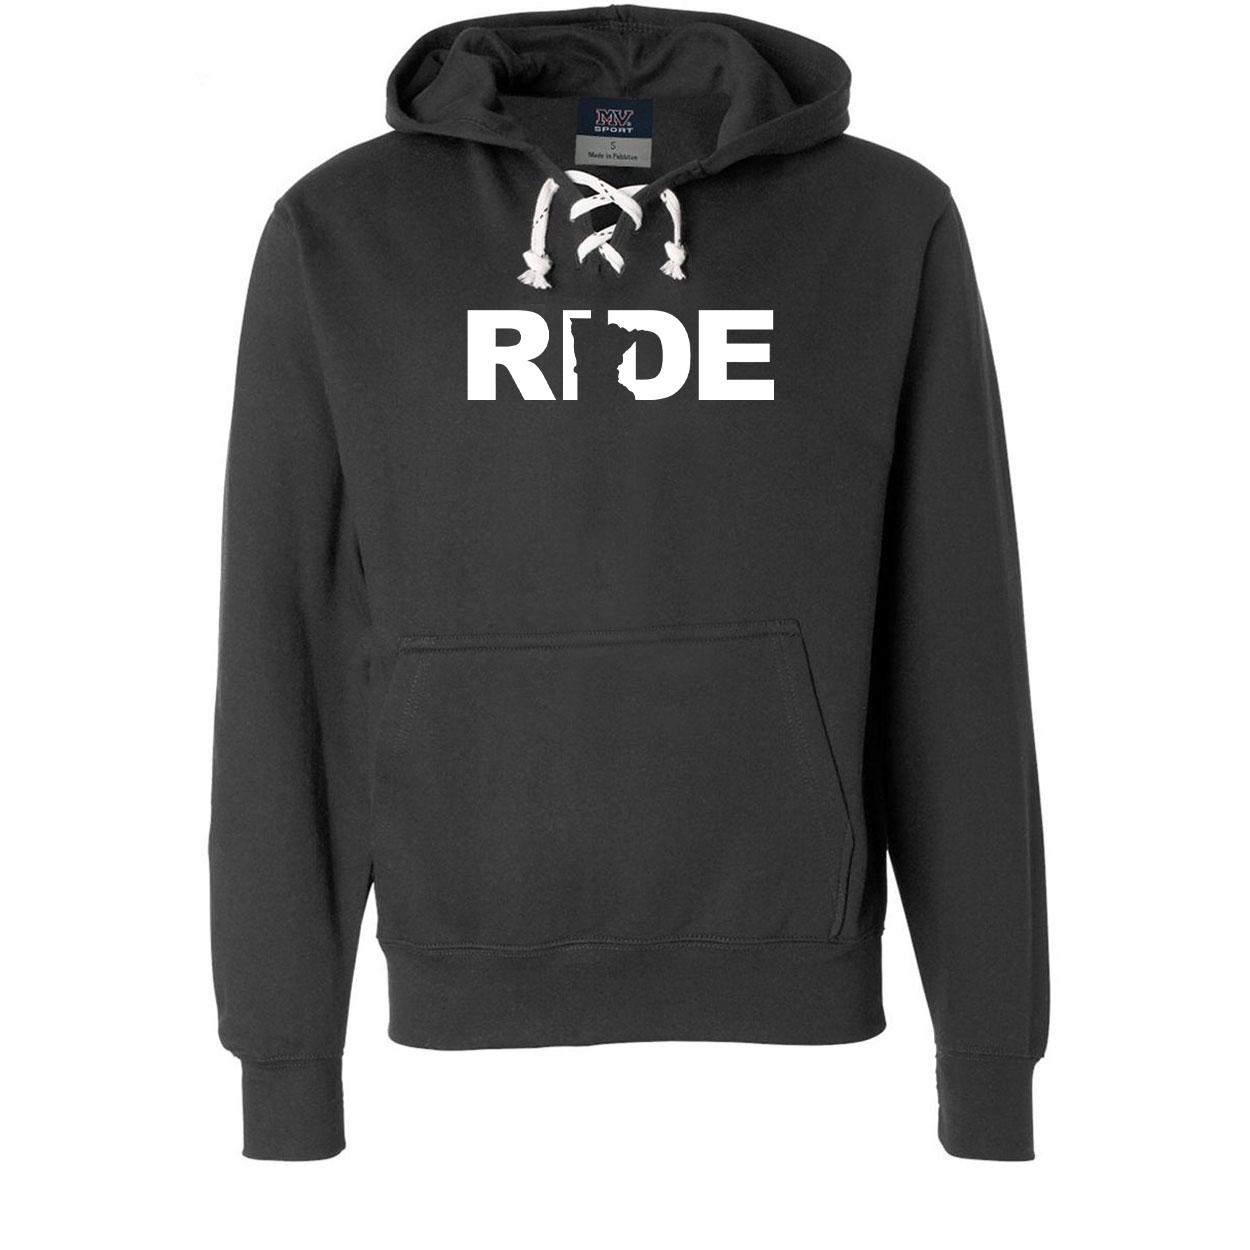 Ride Minnesota Classic Unisex Premium Hockey Sweatshirt Black (White Logo)